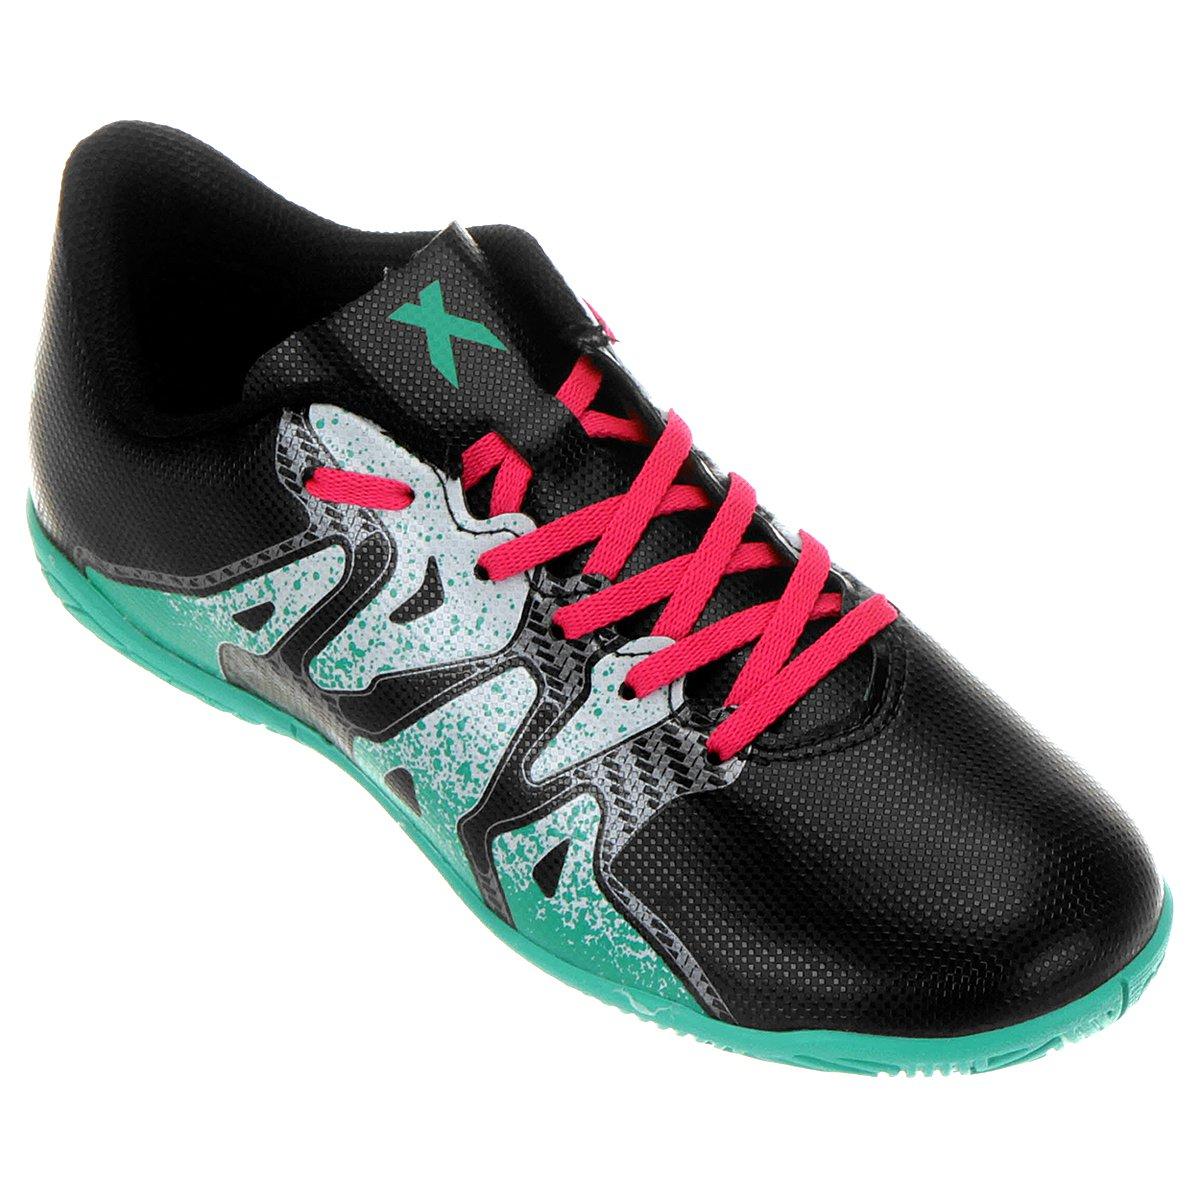 306071cc28c16 Chuteira Futsal Juvenil Adidas X 15.4 IN - Preto e verde - Compre Agora